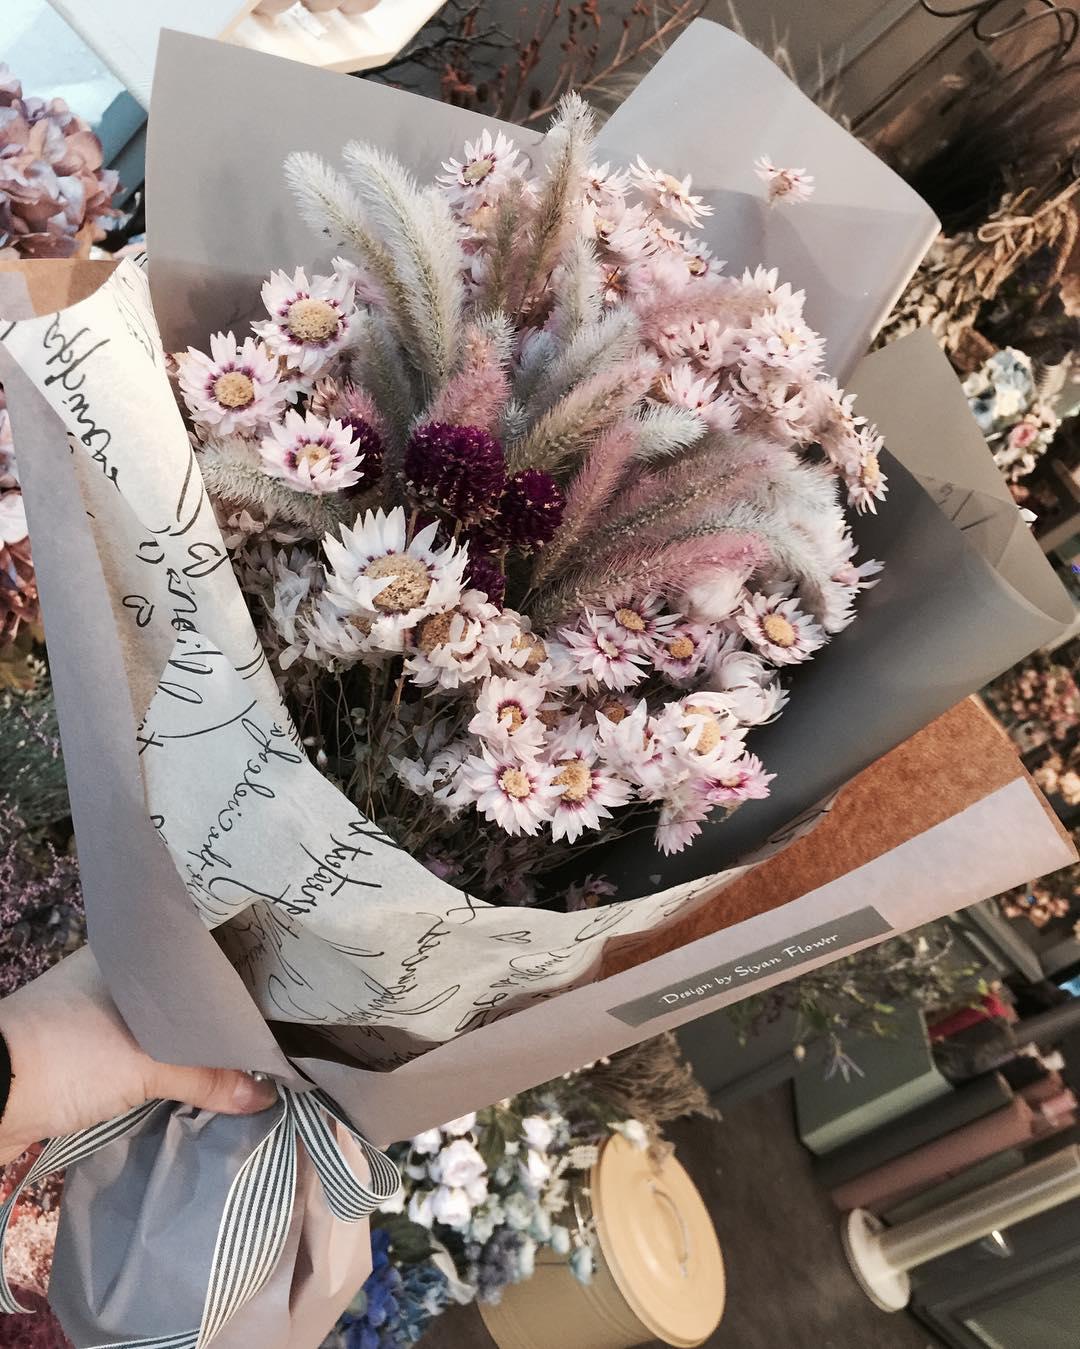 日本で買う花束よりオシャレ!